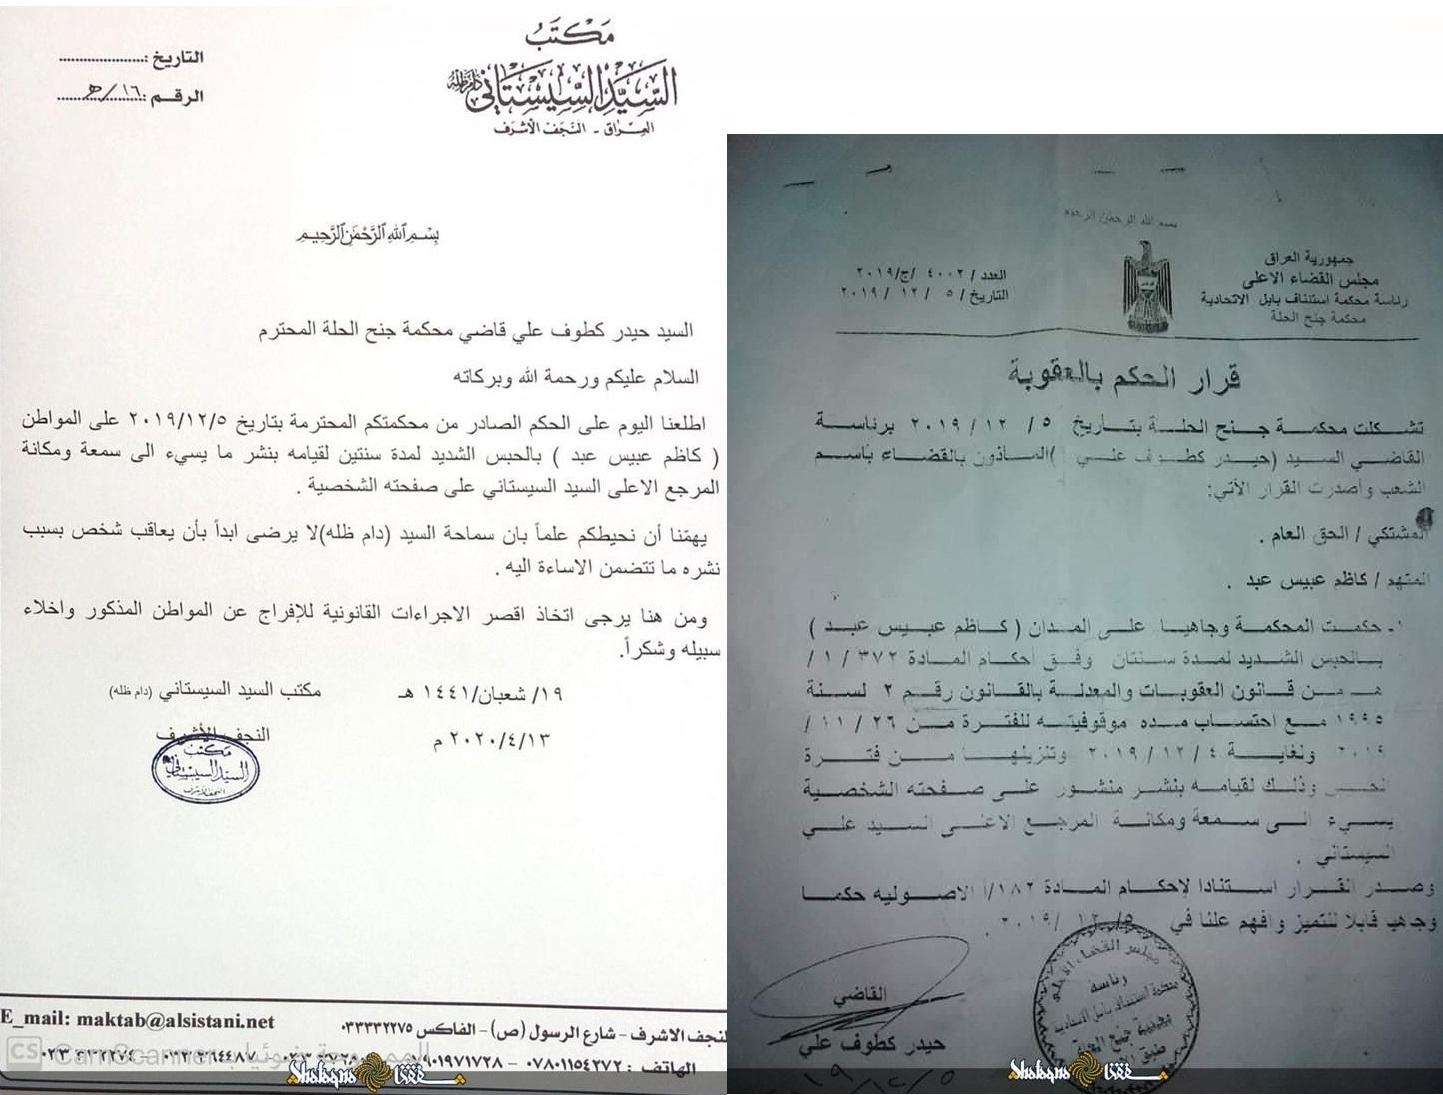 درخواست آیتالله سیستانی برای آزادی و لغو حکم زندان اهانتکننده به وی+ متن نامه